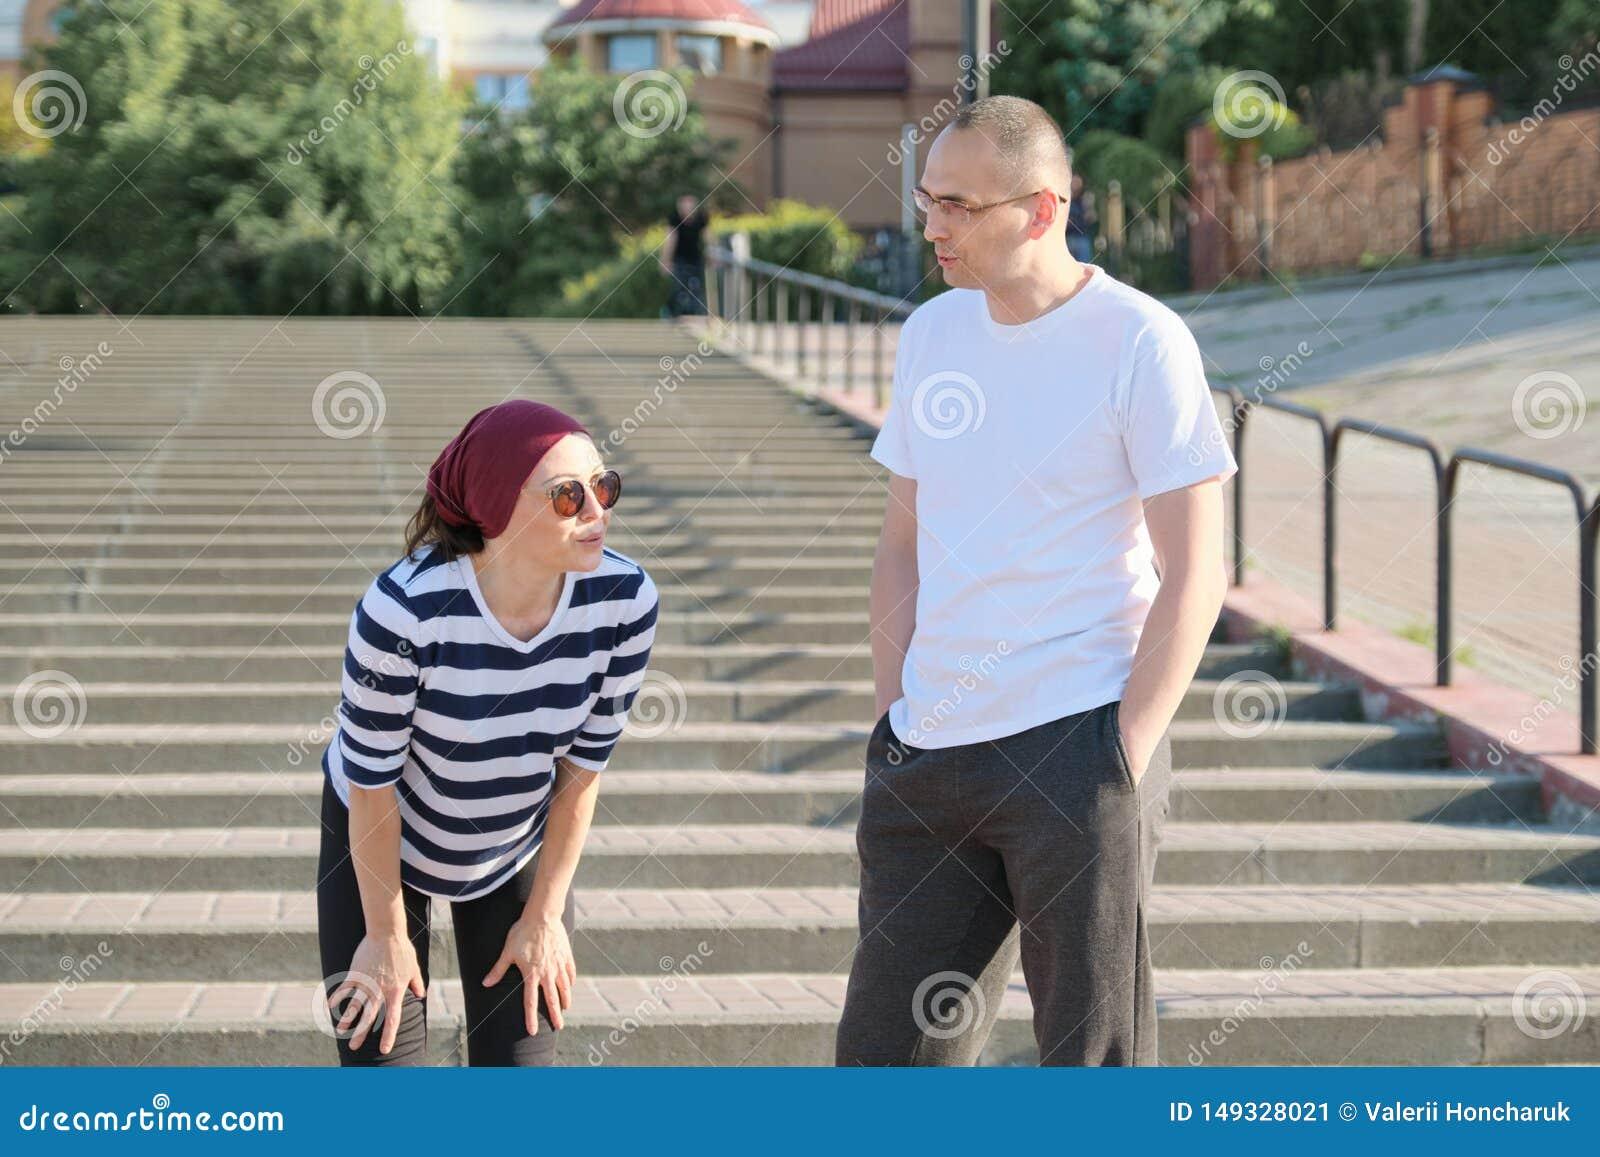 Pares maduros na cidade perto das escadas, do homem de meia idade e da mulher no descanso de fala do sportswear ap?s o corredor